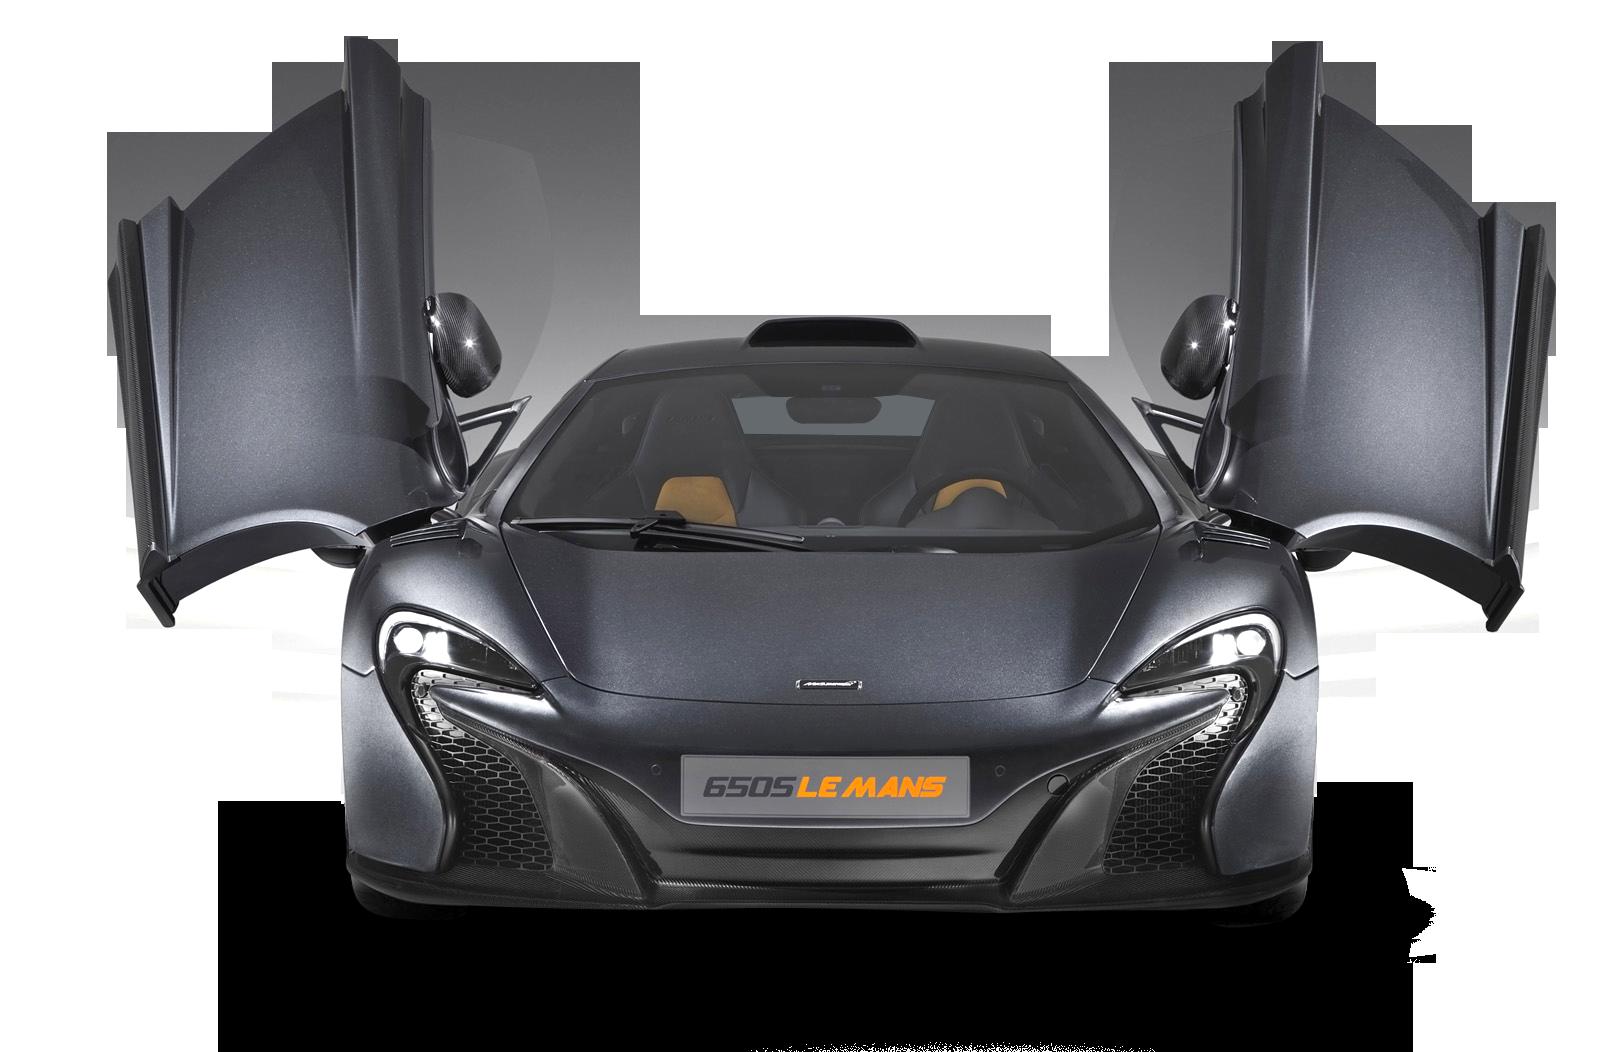 Download Grey Mclaren 650s Door Open Car Png Image For Free Opening Car Mclaren 650s Car